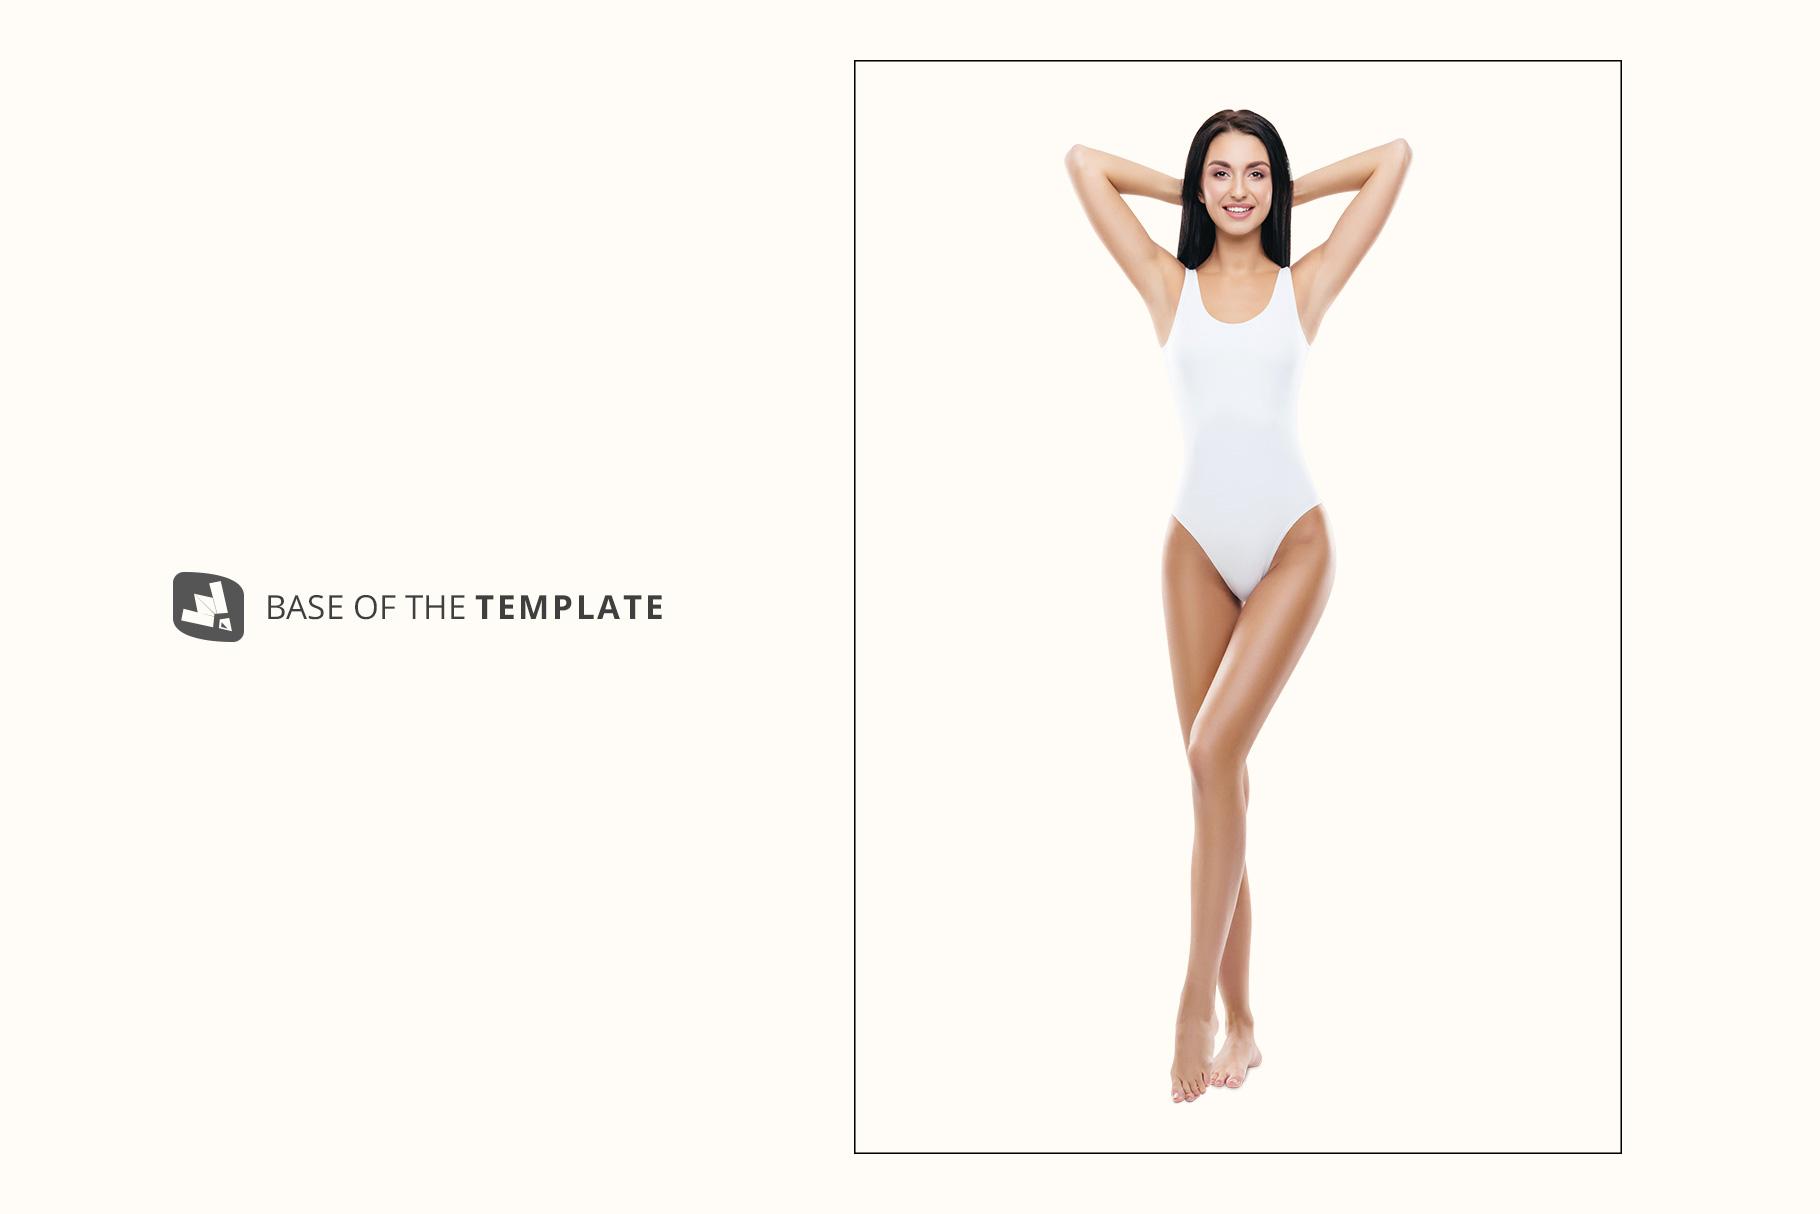 base image of the women's swimsuit mockup